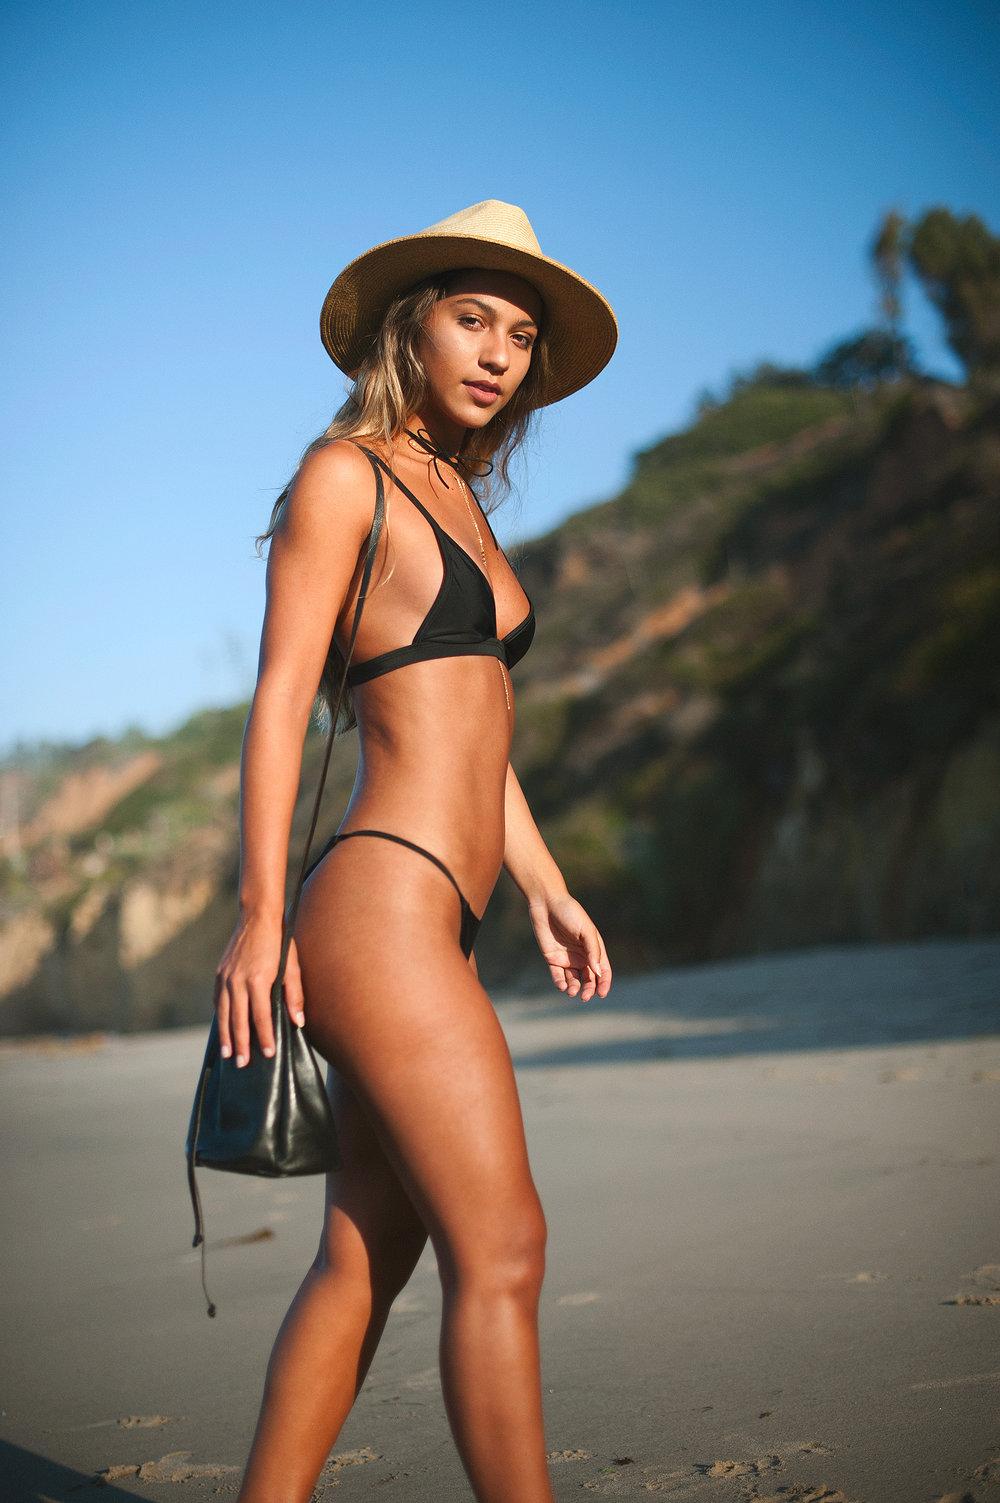 beachbody_44.jpg